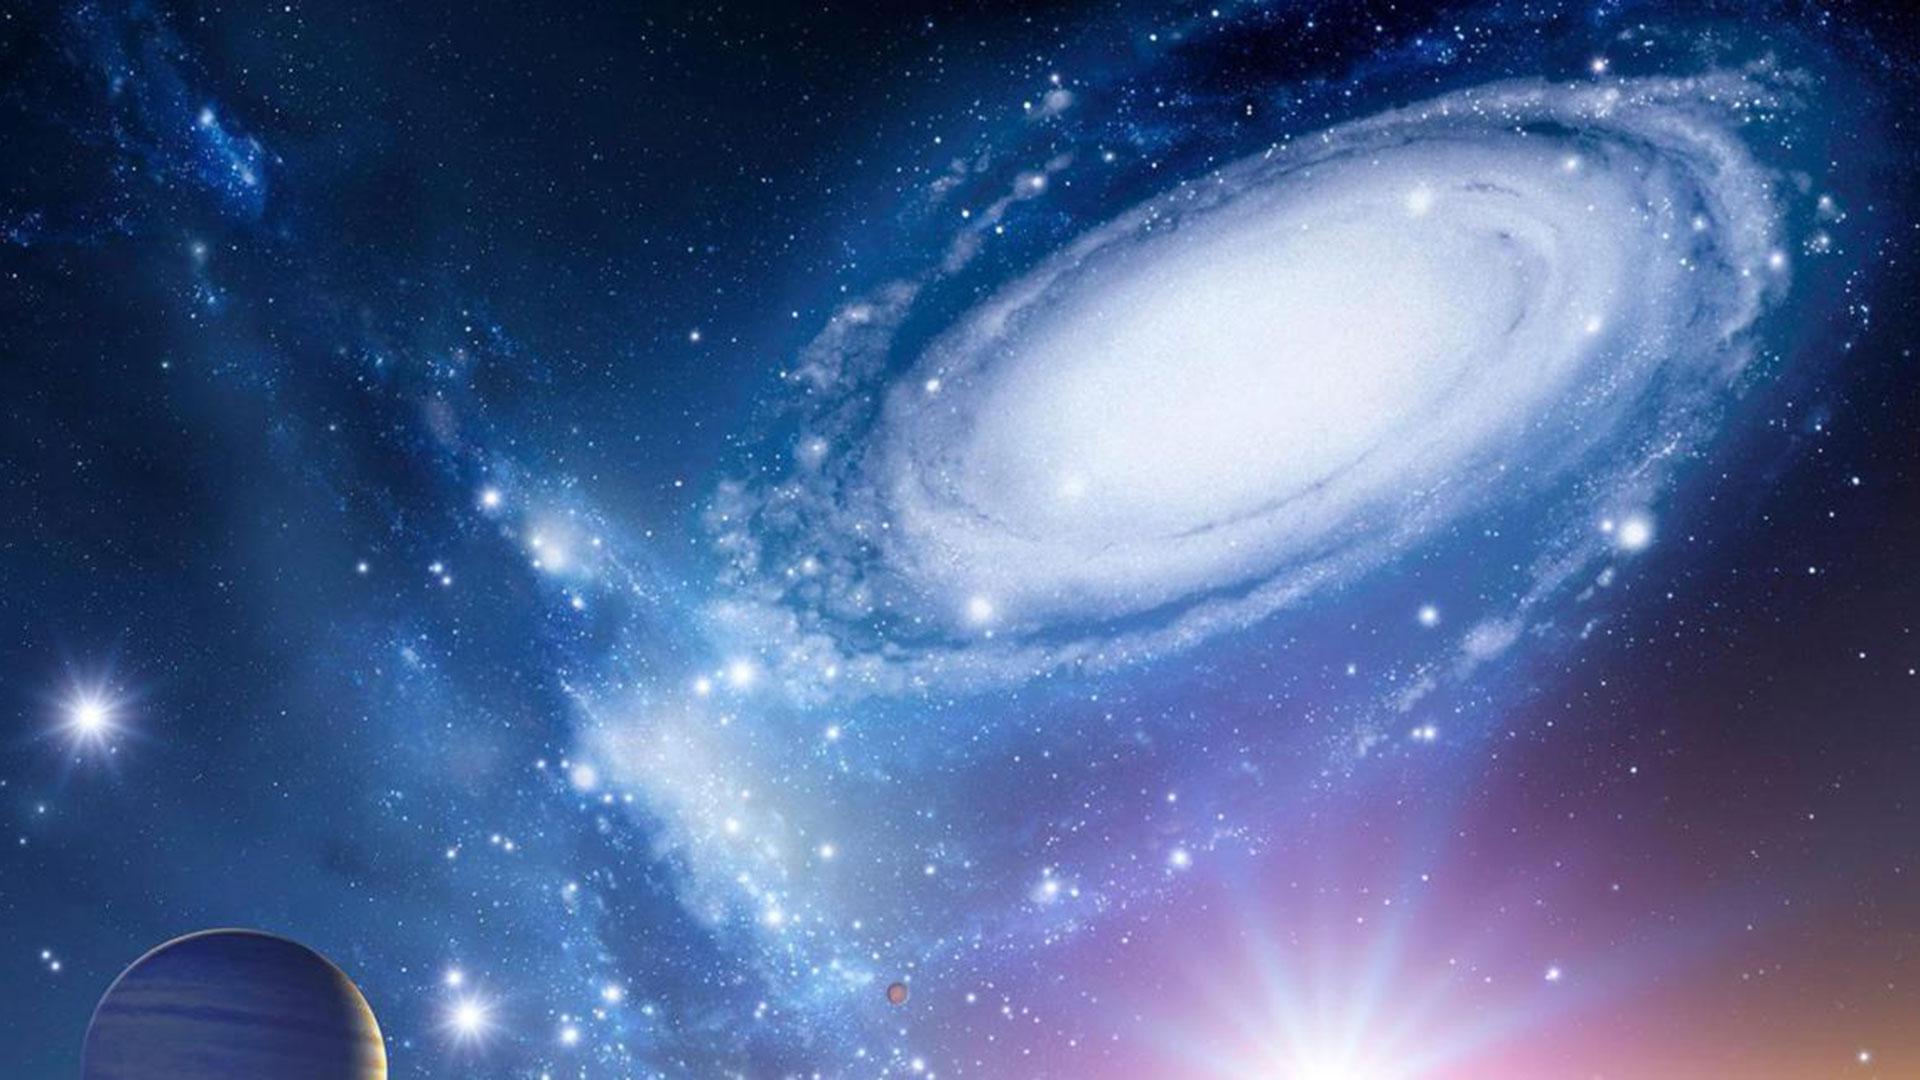 Las galaxias más prolíficas formando estrellas y las más luminosas son las más difíciles de estudiar usando telescopios ópticos tradicionales como el Hubble porque son las más oscurecidas por el polvo